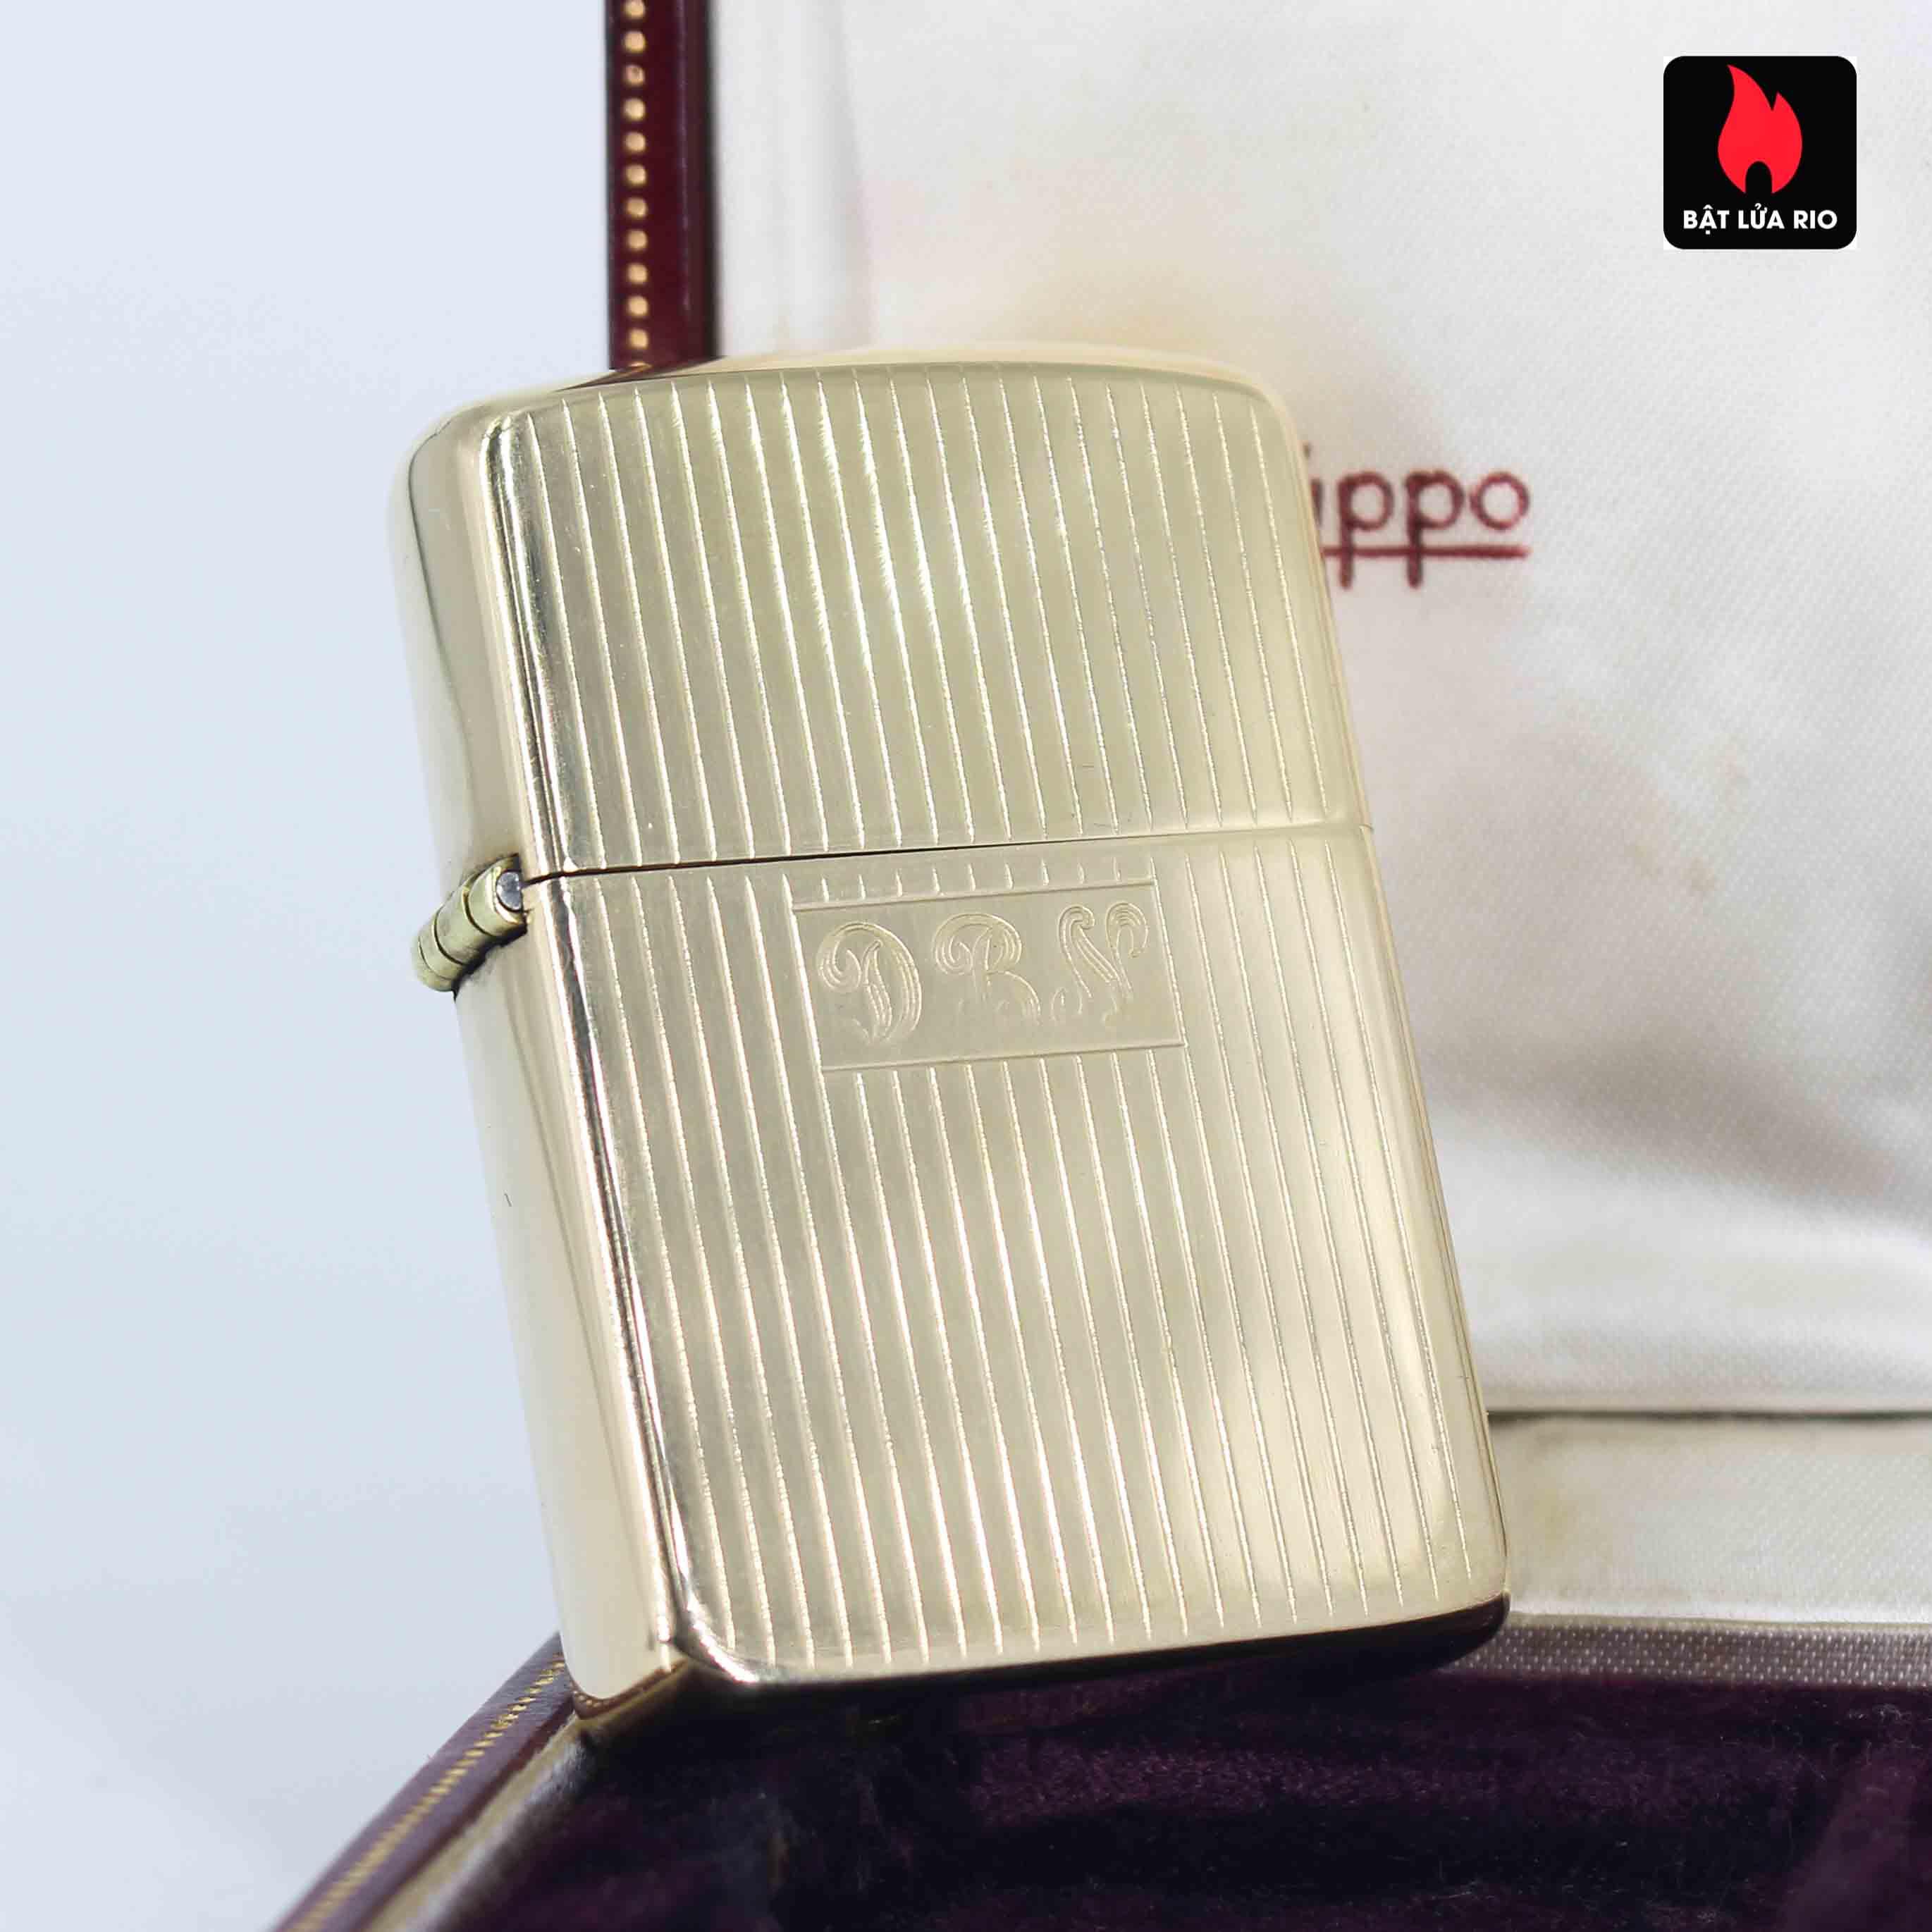 Hiếm - Zippo 1950s - Solid Gold 14k - Vàng Nguyên Khối 14k